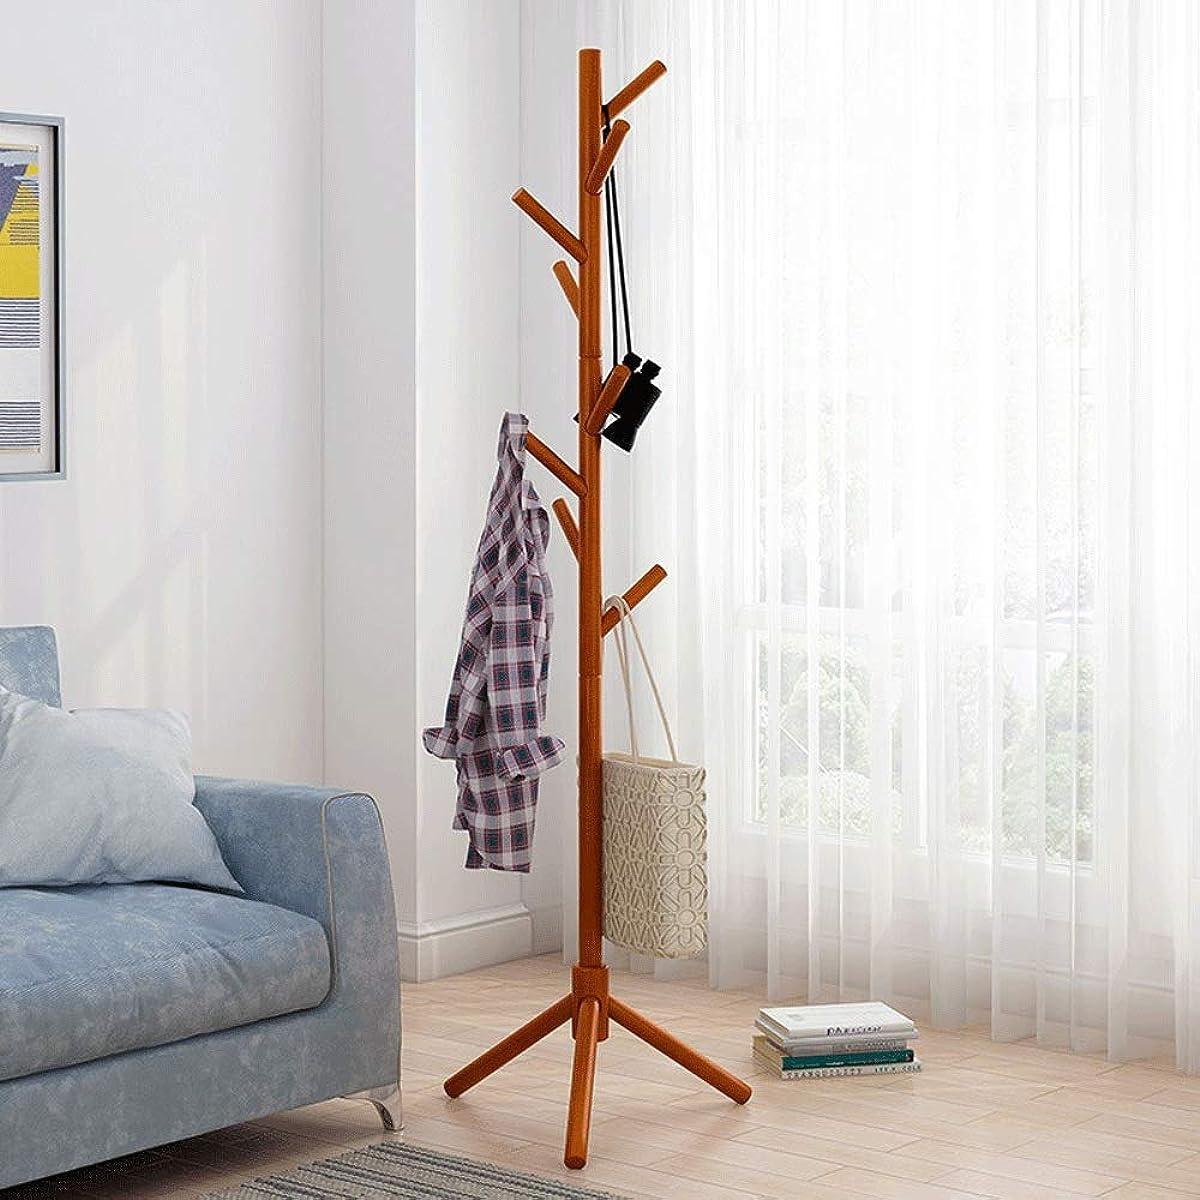 ロッドシーフード強調するポールハンガー 室内物干しハンガーラック 無料立ち木製コートラックスタンド出入口ホールツリーコートツリー用帽子服財布スカーフハンドバッグ傘 (Color : Honey, Size : 43×175cm)